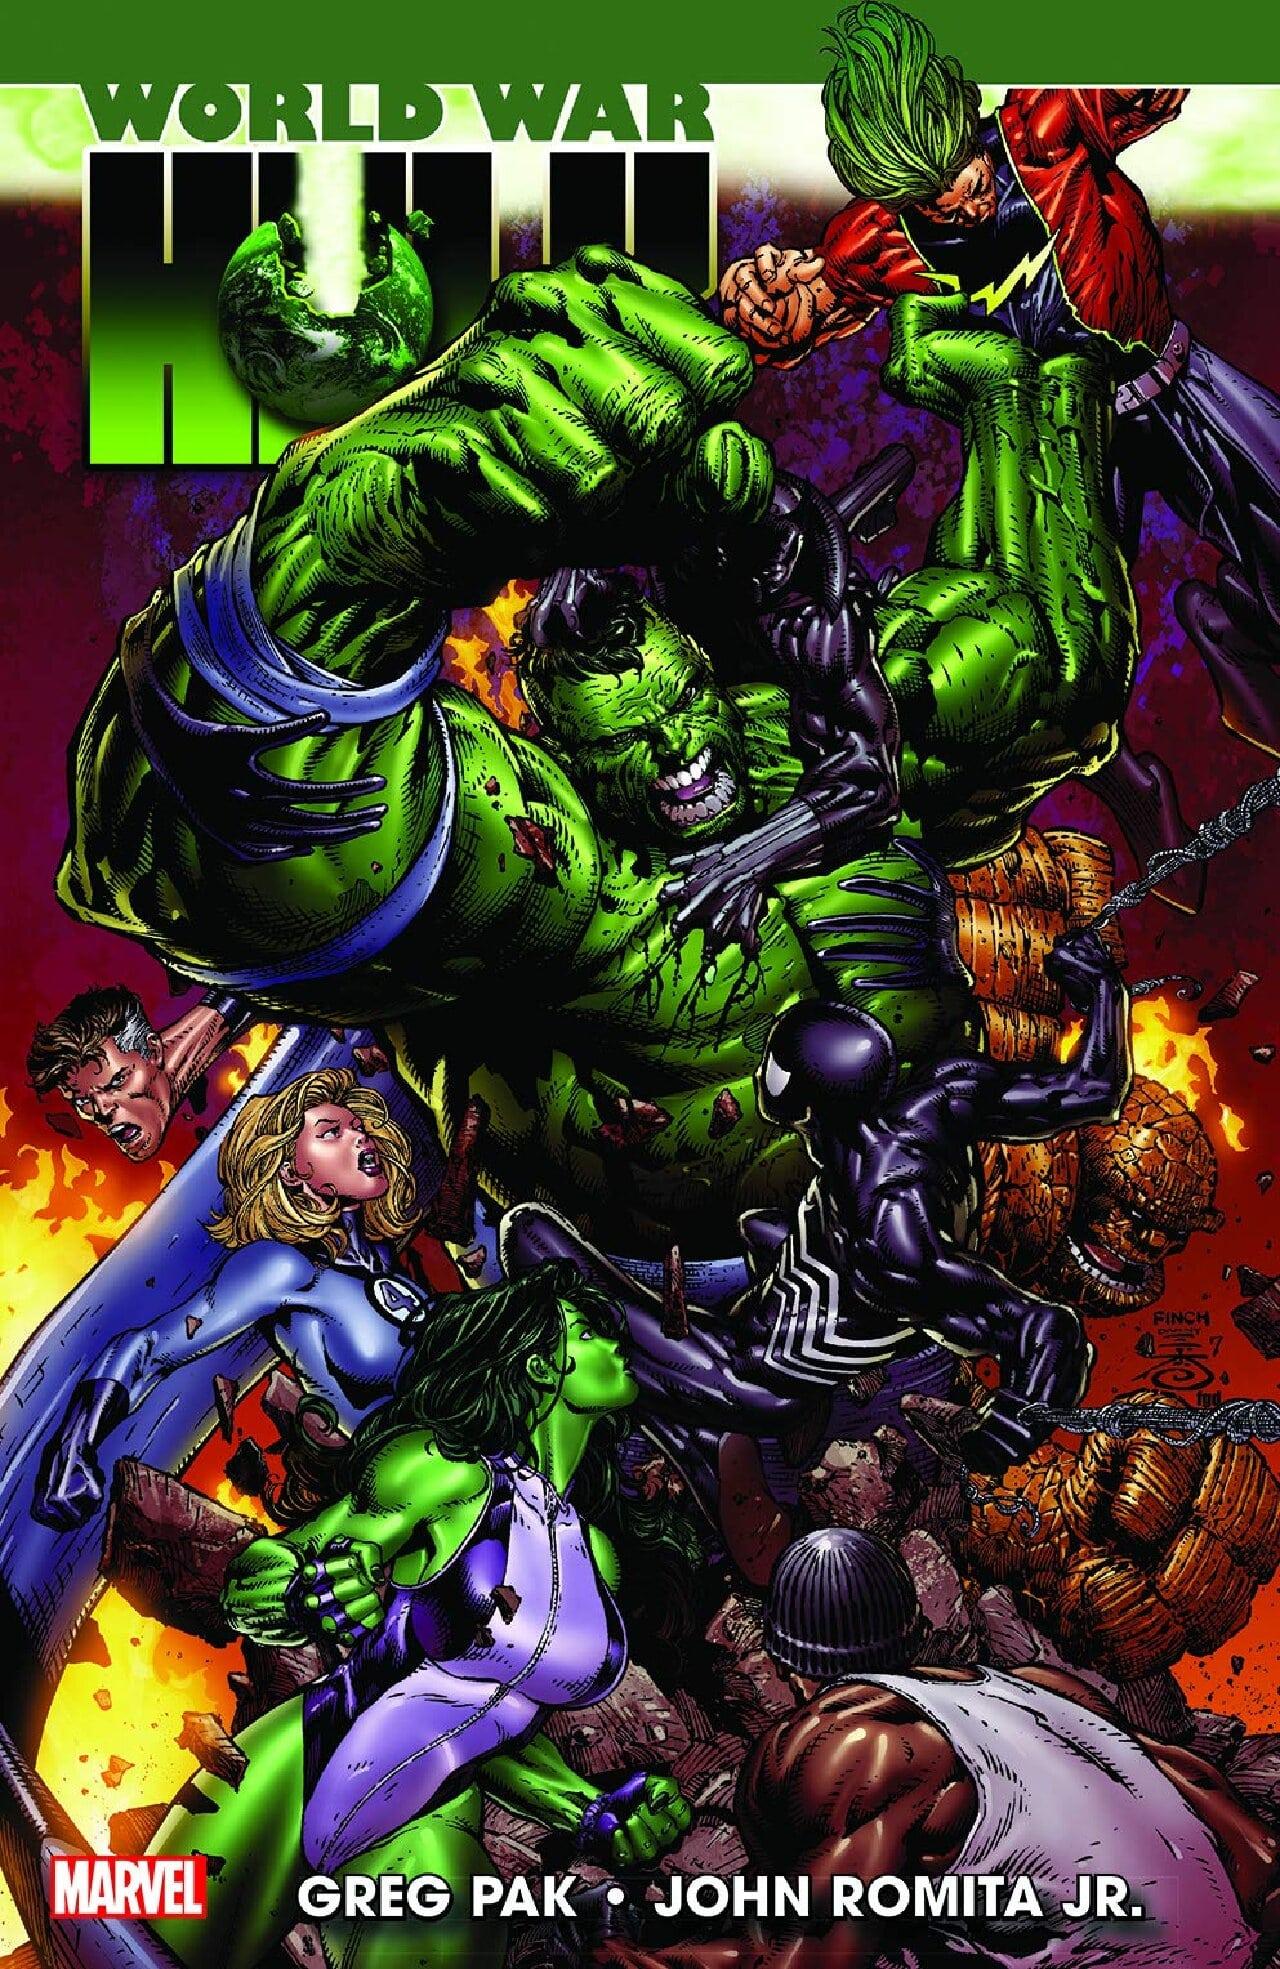 world war hulk marvel película